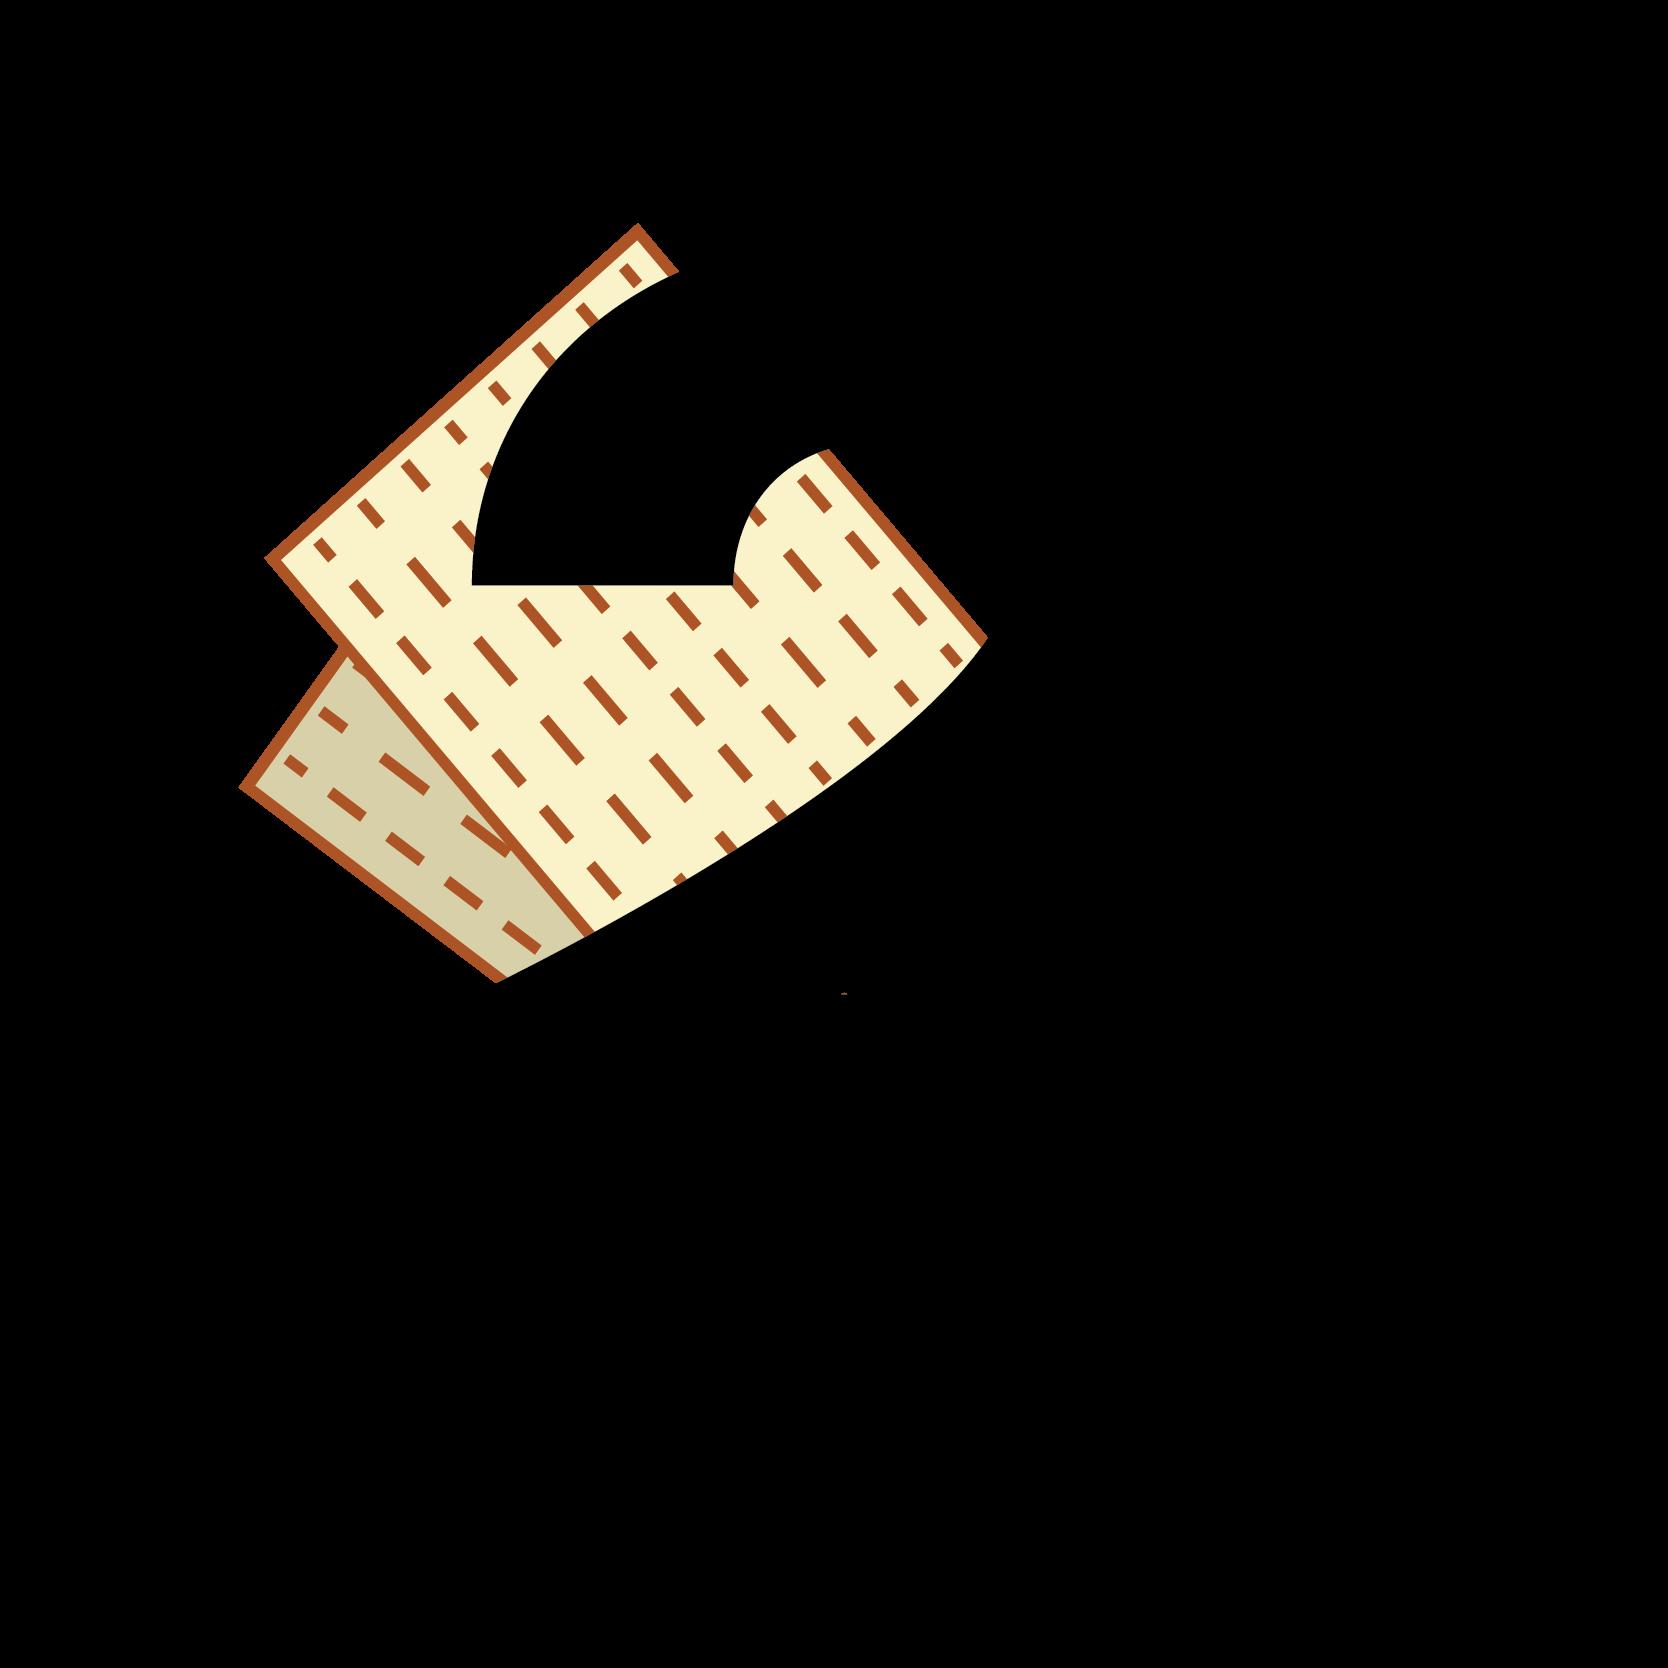 2 for Seder